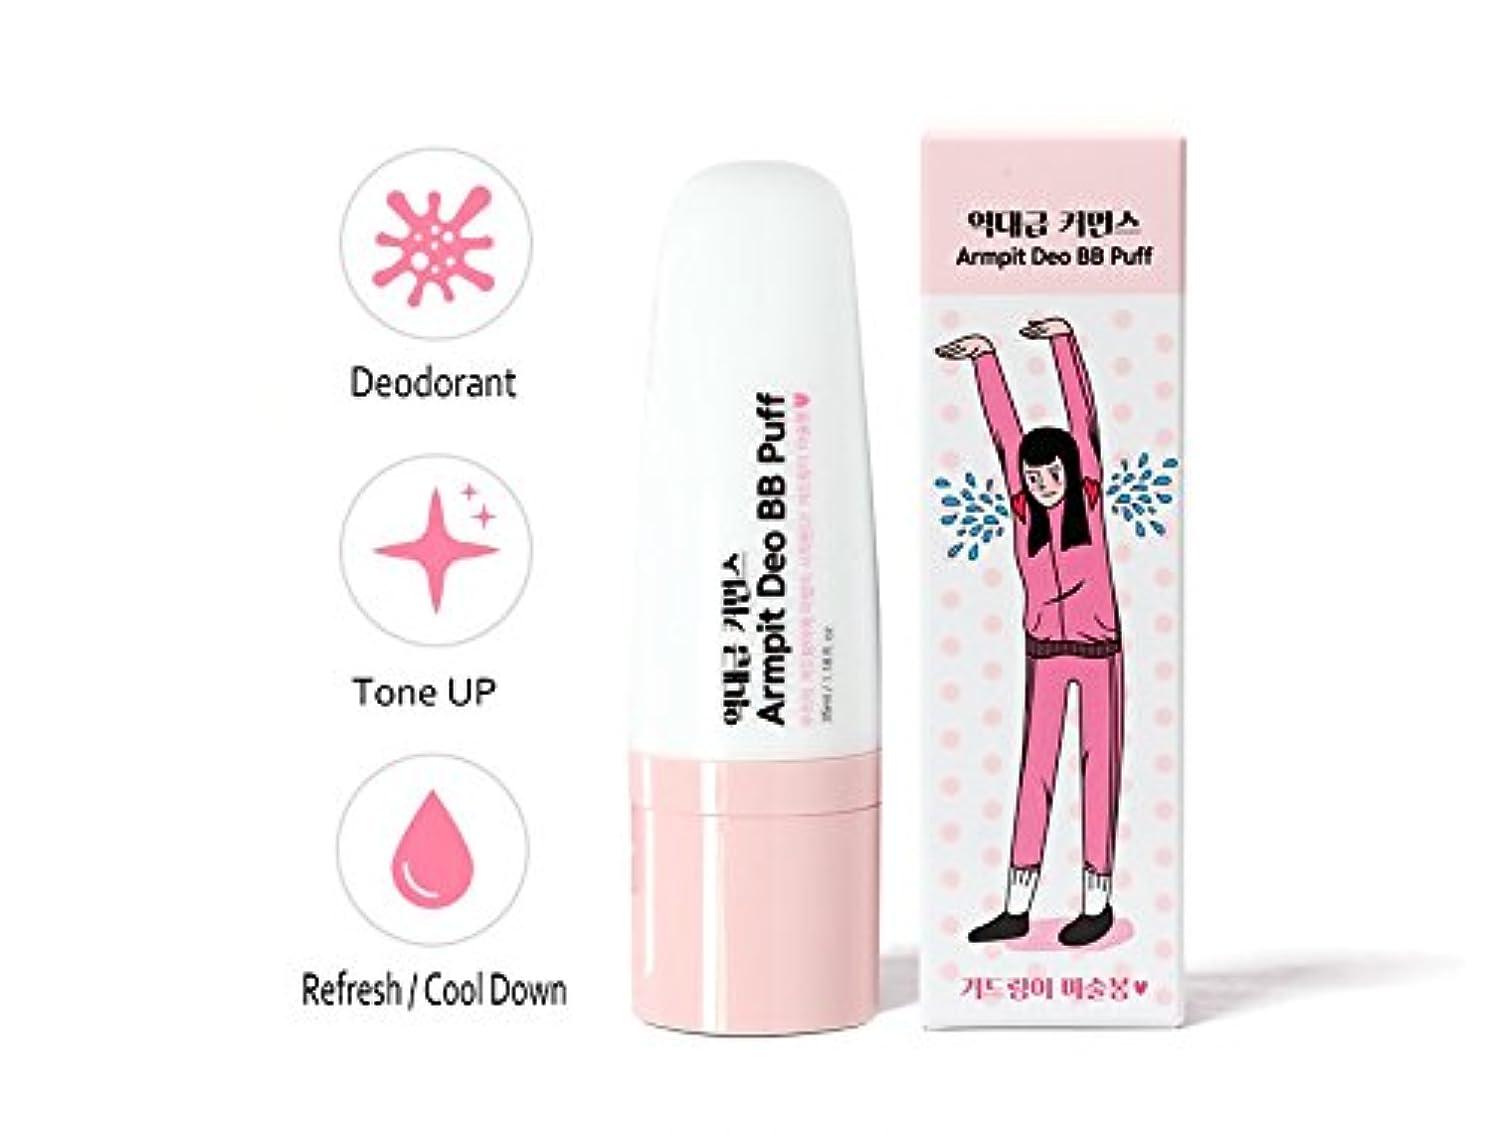 舌なムス遺伝子COMMONS Armpit Deo BB Puff Deodorant コモンズ アンピィト(脇の下) デオ BB パフ デオドラント